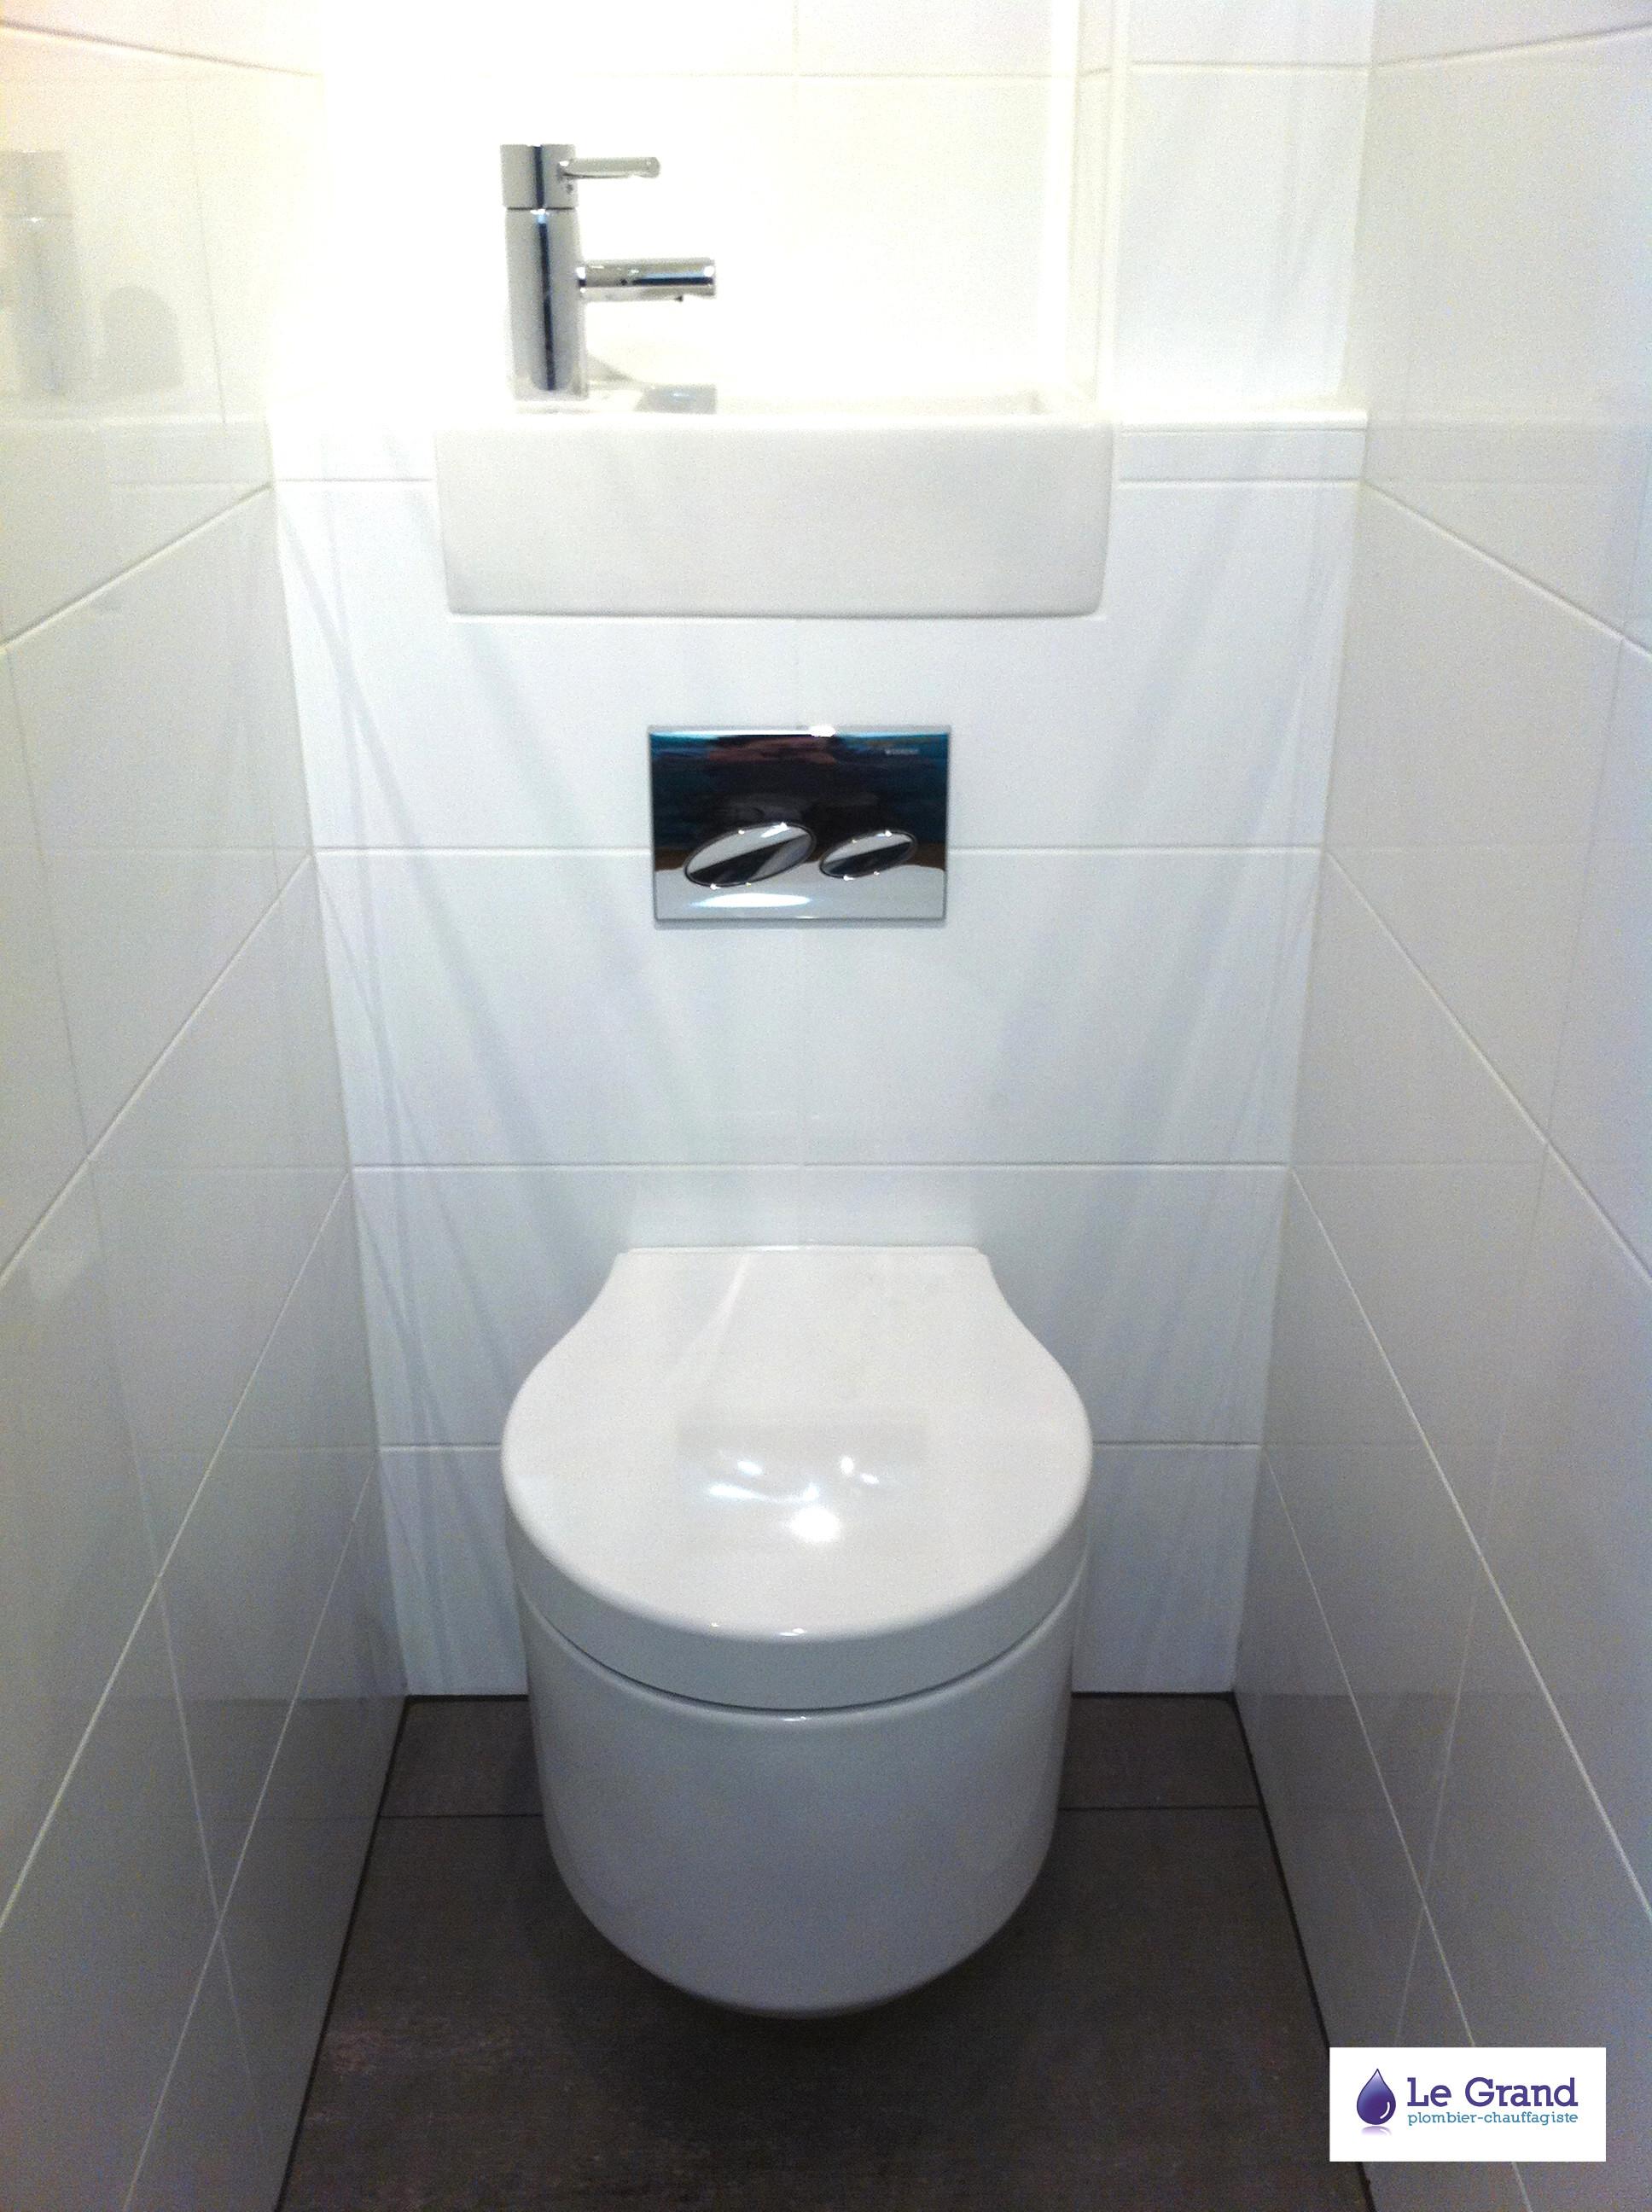 Toilette Suspendu Brico Depot Avec Wc Toilettes En Pack Au destiné Toilette Suspendu Pas Cher